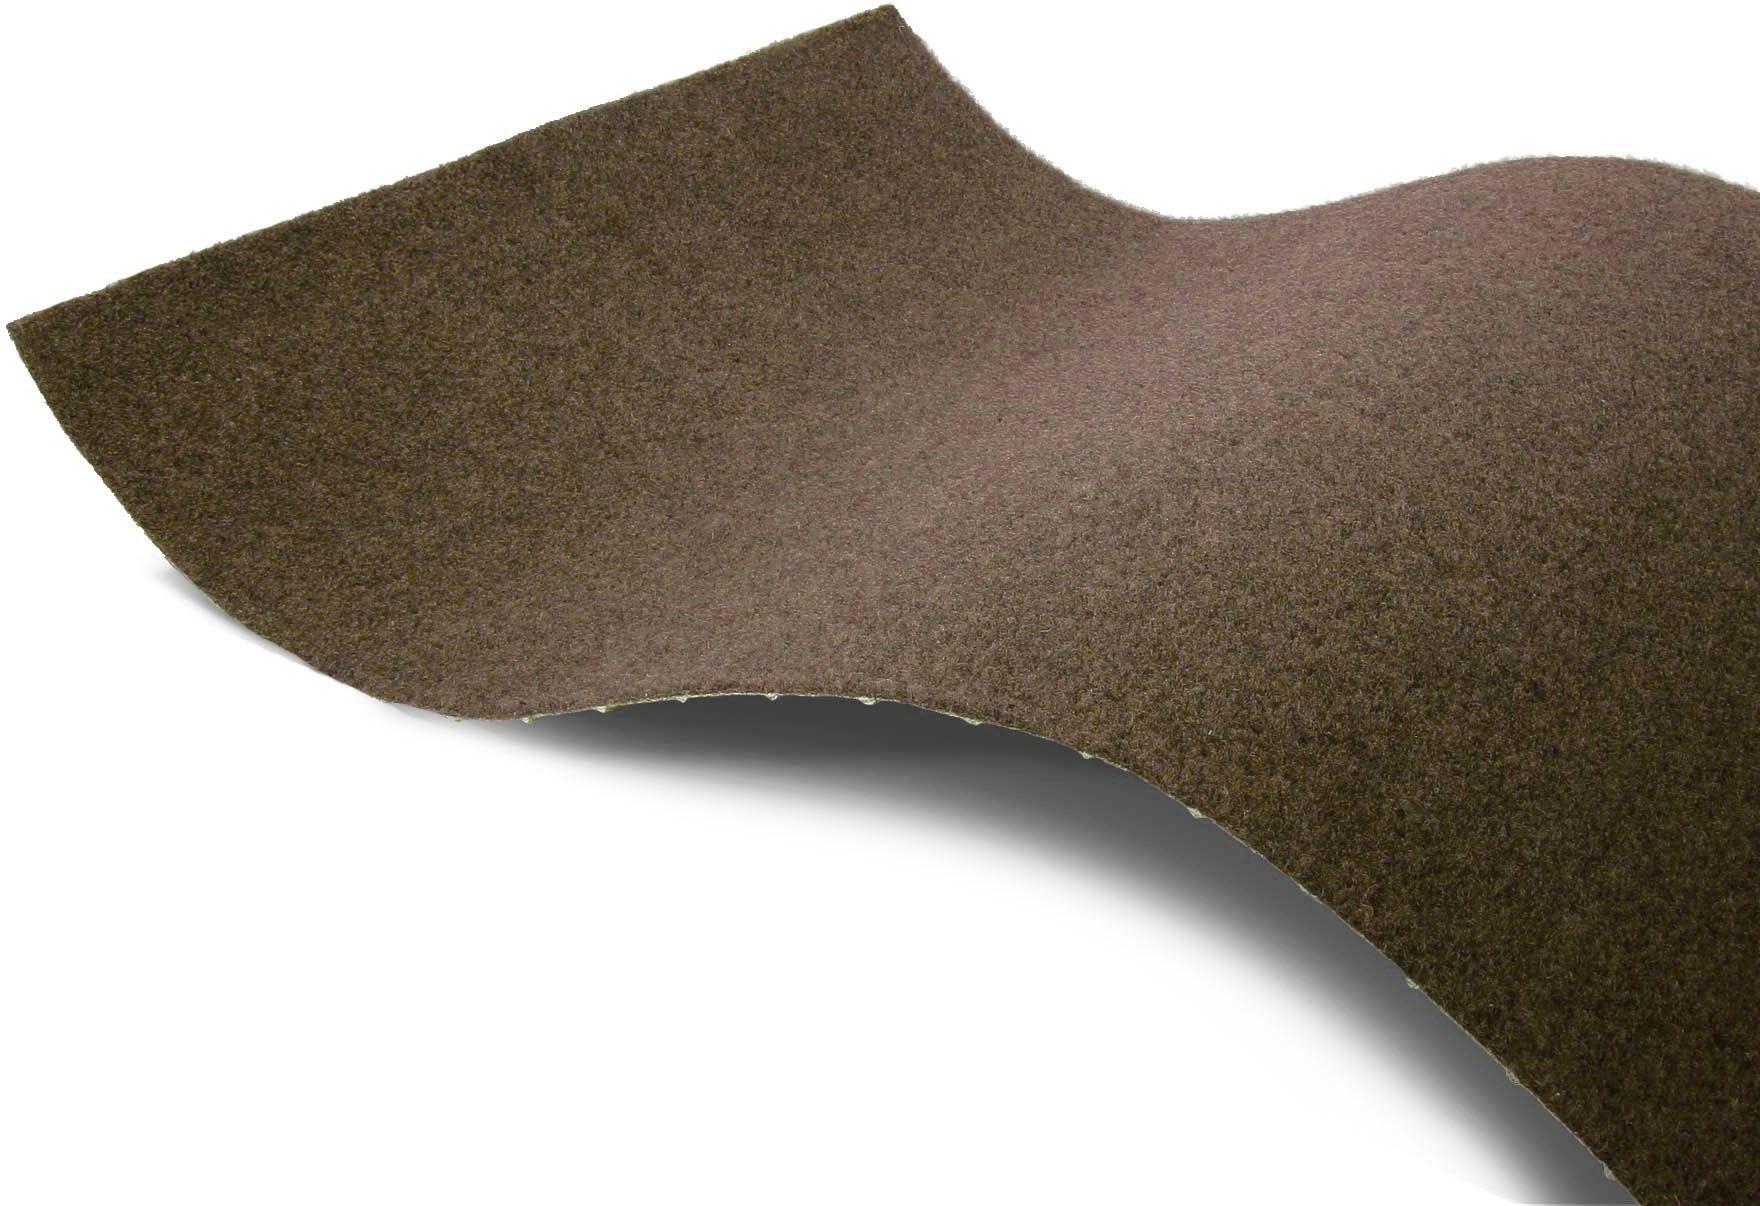 Primaflor-Ideen in Textil Kunstrasen COMFORT Colours, Breite 133 cm, rechteckig, 7 mm Höhe, Rasenteppich, mit Noppen, strapazie